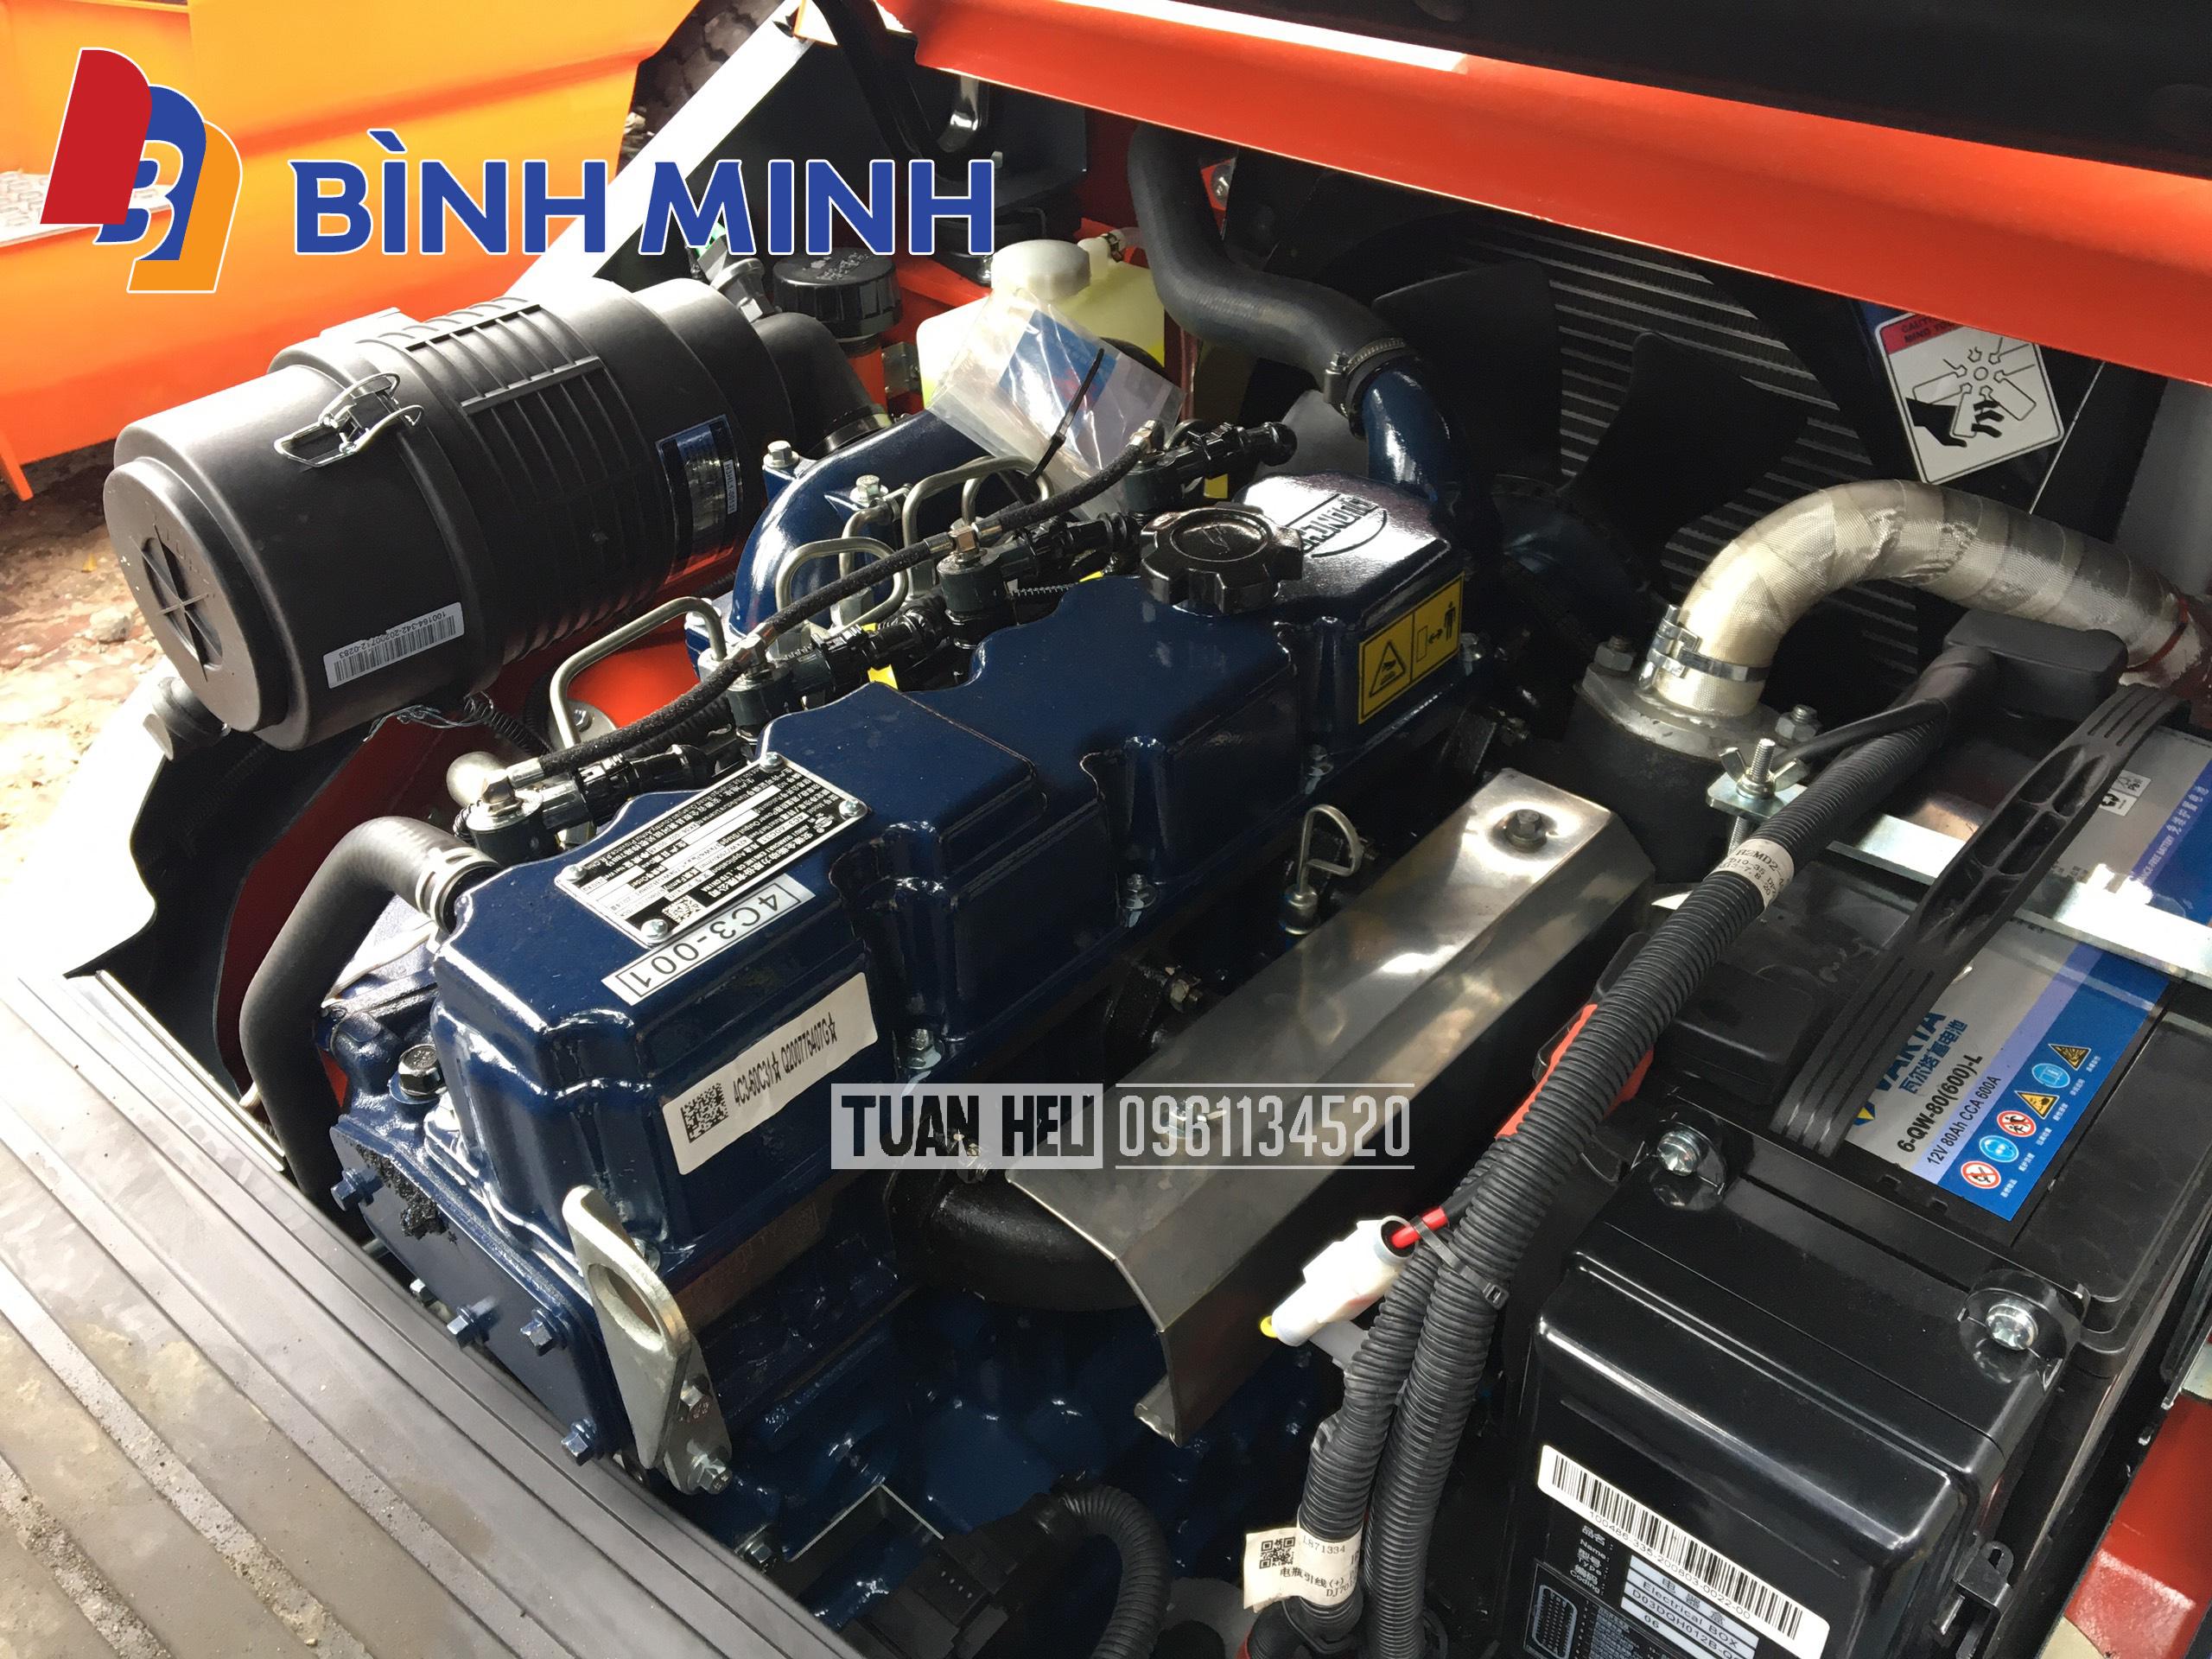 Xe nâng HELI lắp động cơ Quanchai 4C3 | Hotline: 0961.134.520